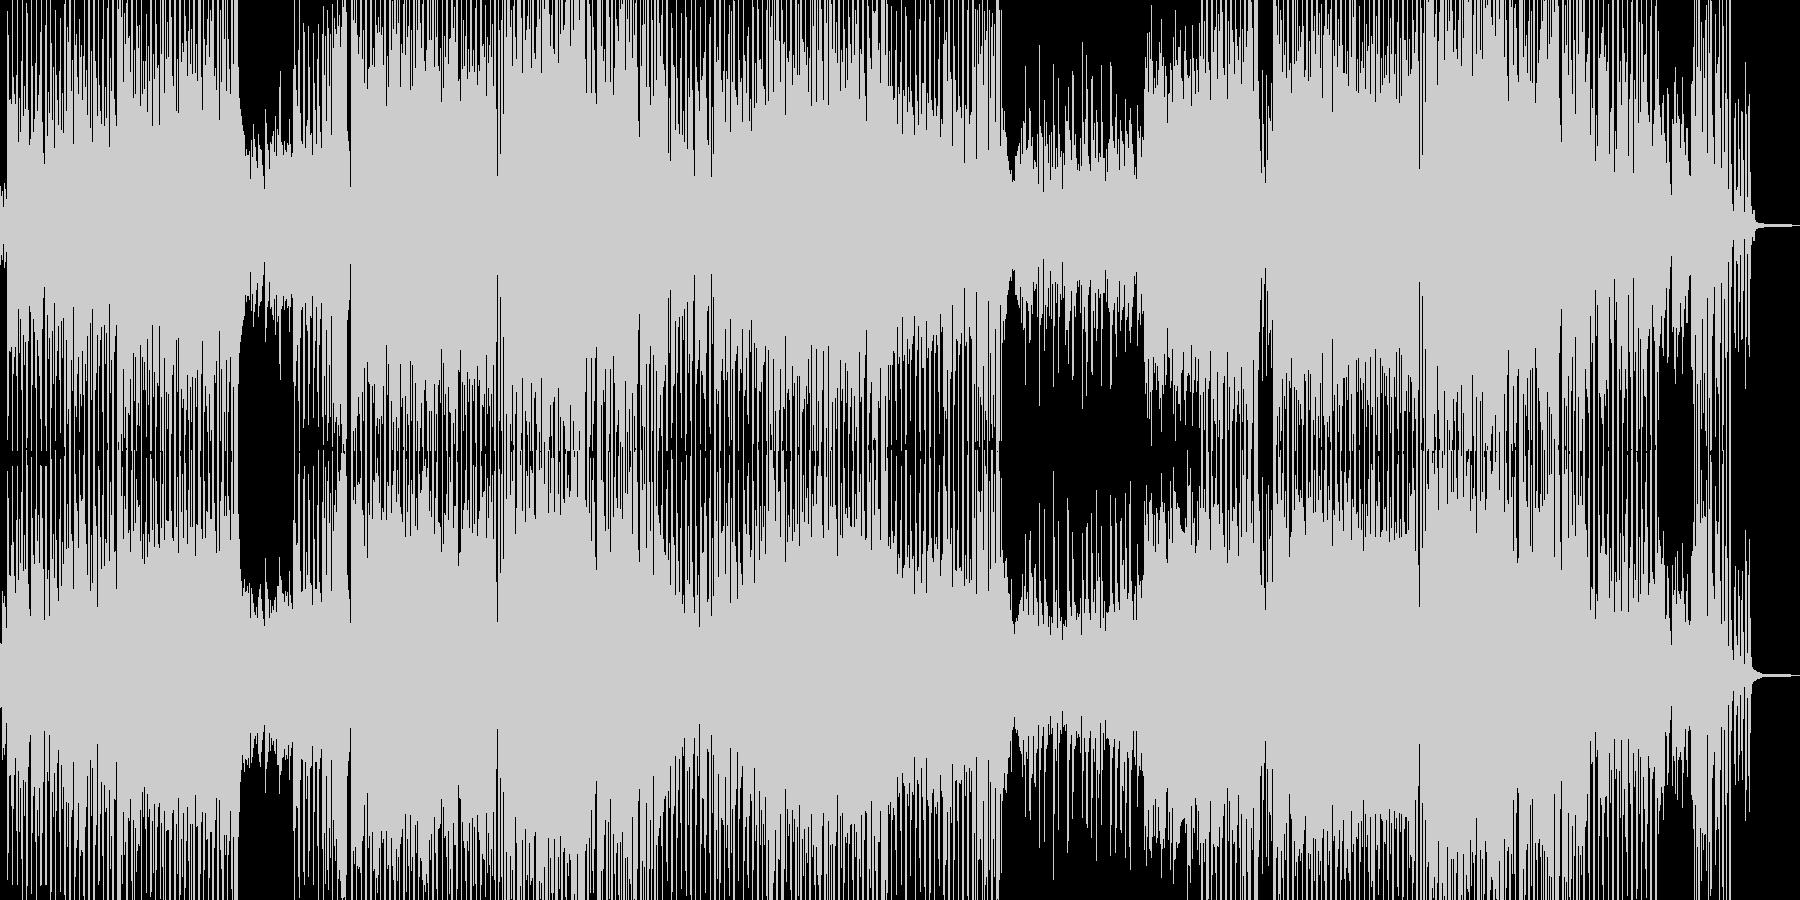 前向きに歩き出すテクノポップ 長尺の未再生の波形